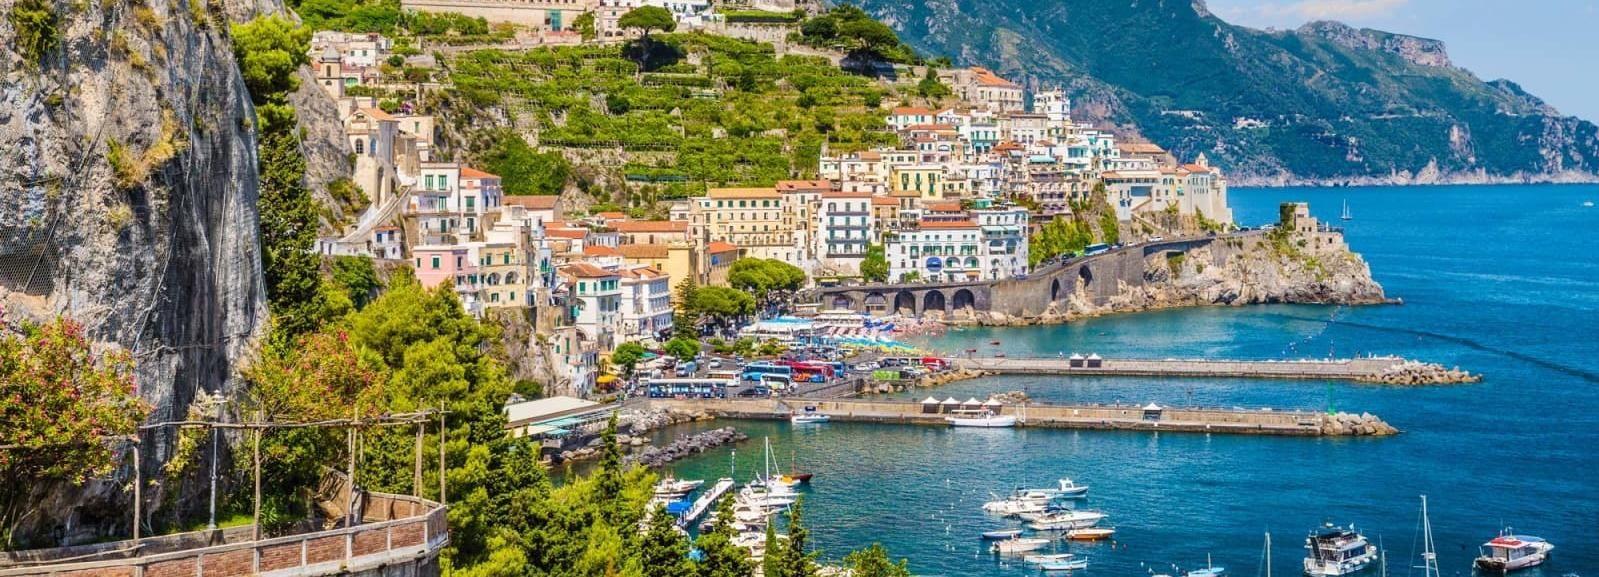 Desde Sorrento: Amalfi y Positano, excursión en barco compartido de día completo